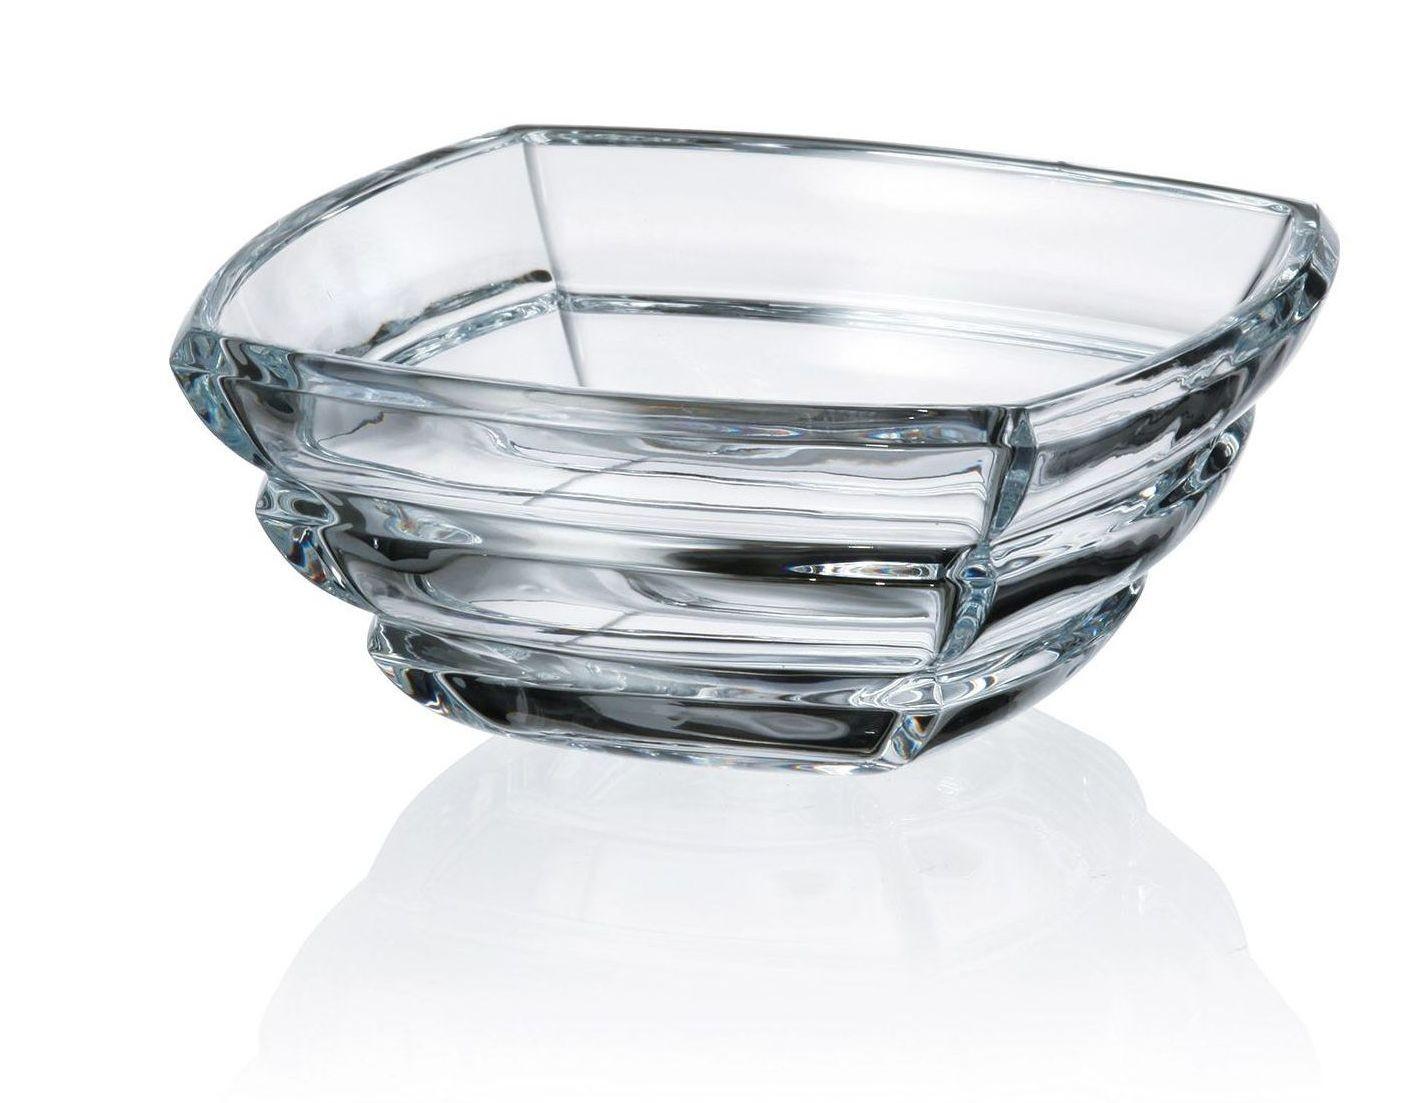 κουπ segment bohemia κρυστάλλινο 20.5cm home   κρυσταλλα  διακοσμηση   κρύσταλλα   κουπ